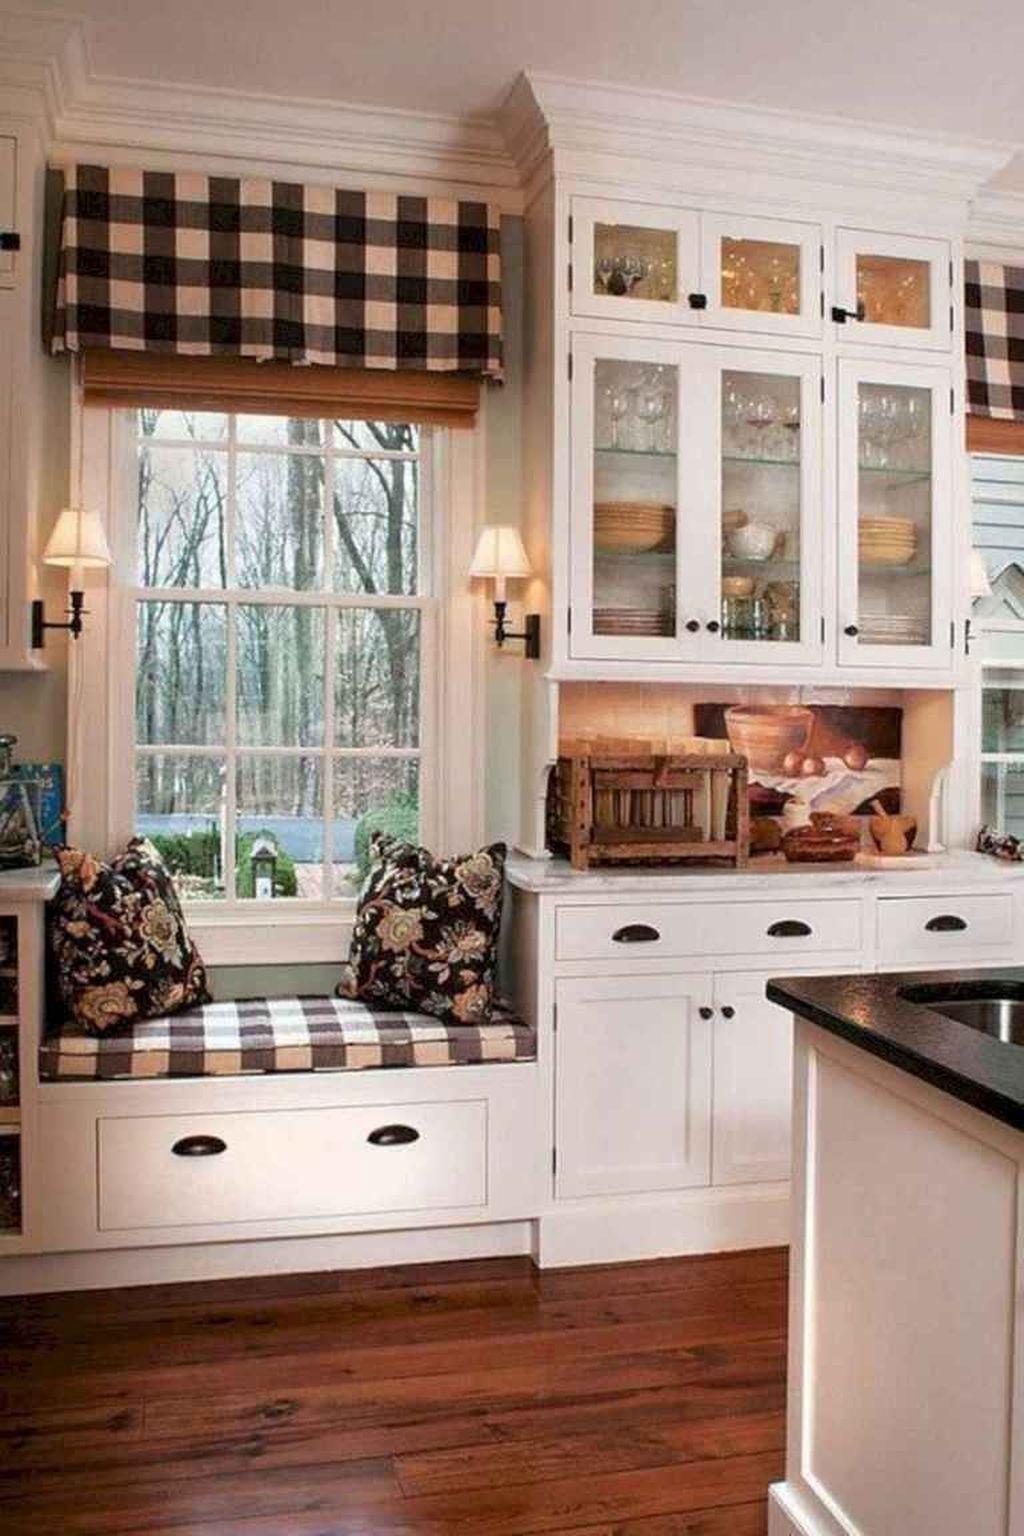 20 modern small farmhouse kitchen decor ideas with images farmhouse kitchen decor on farmhouse kitchen decor countertop id=93022